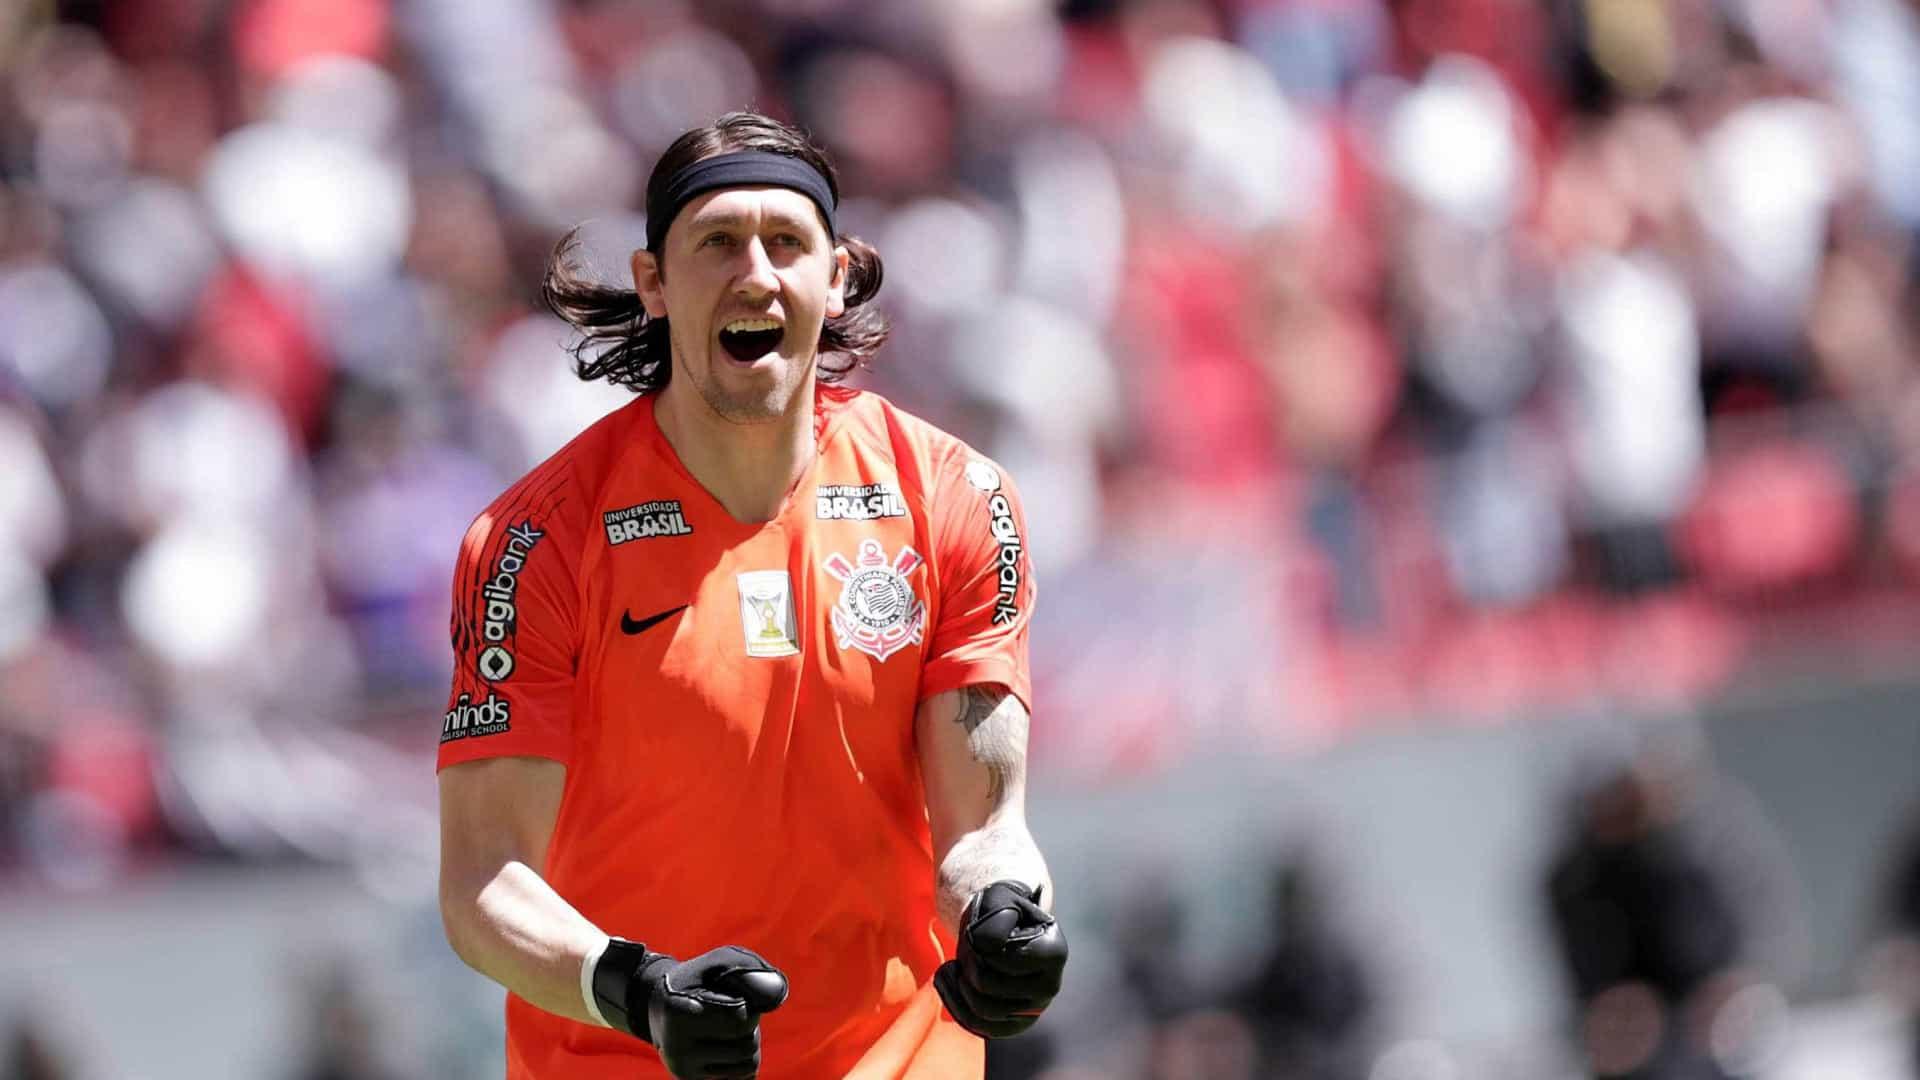 Os momentos do jogo que deu o título estadual ao Corinthians